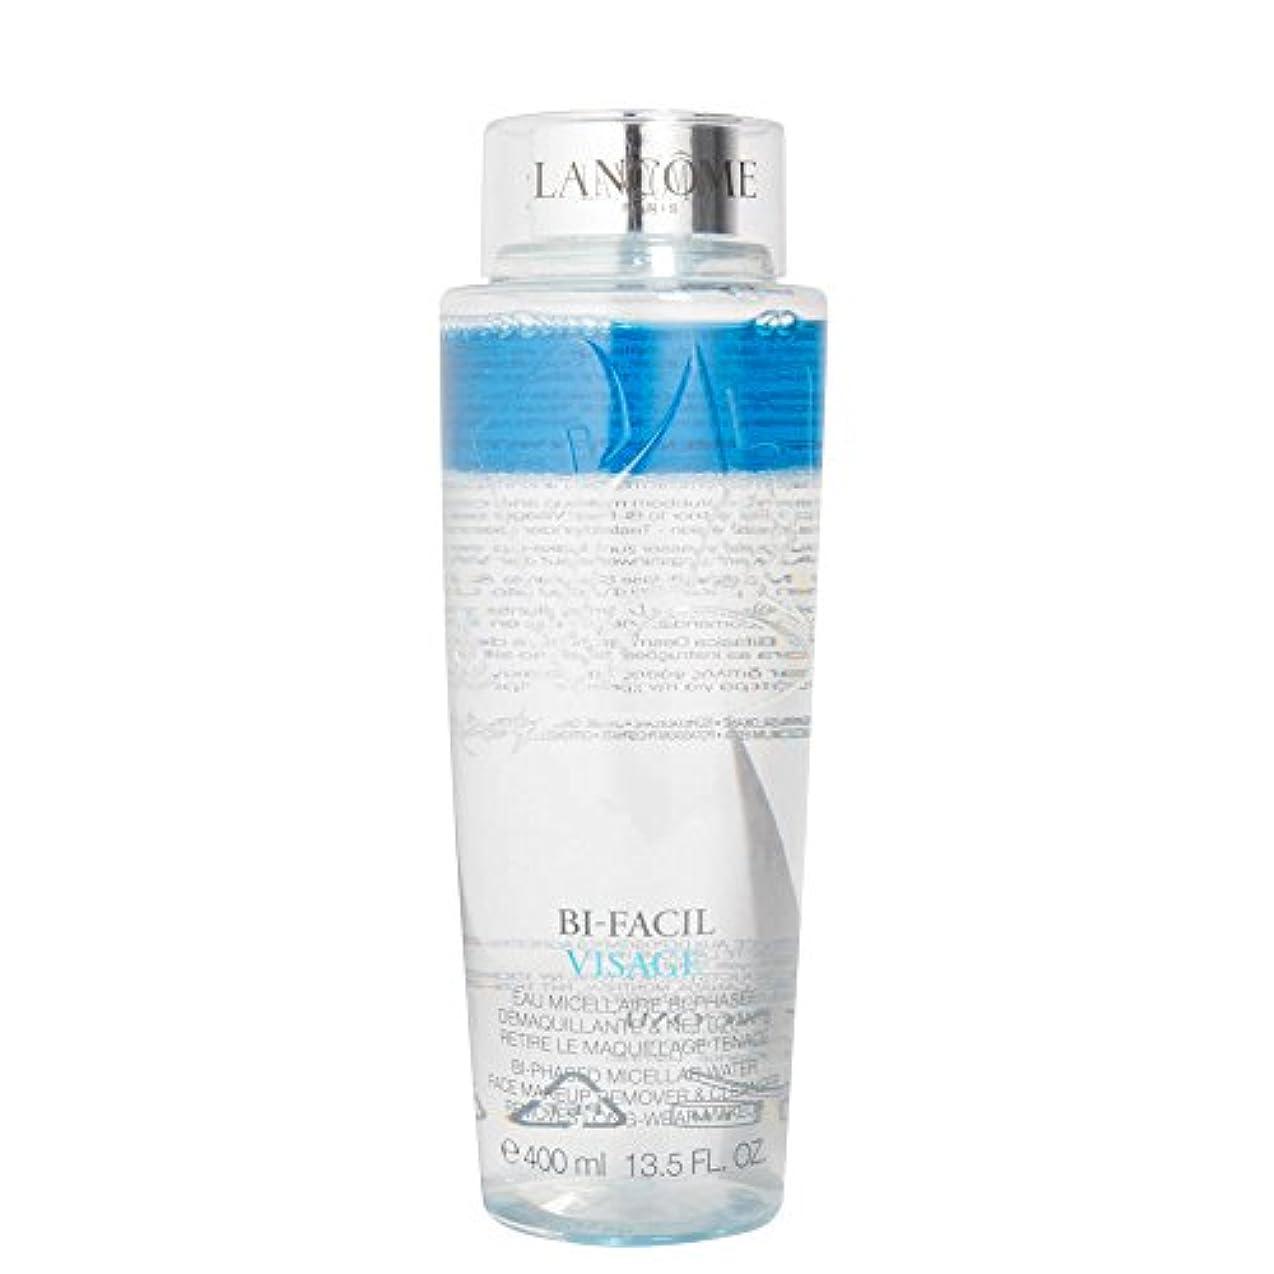 プラカード青スロープランコム Bi Facil Visage Bi-Phased Micellar Water Face Makeup Remover & Cleanser 400ml/13.5oz並行輸入品